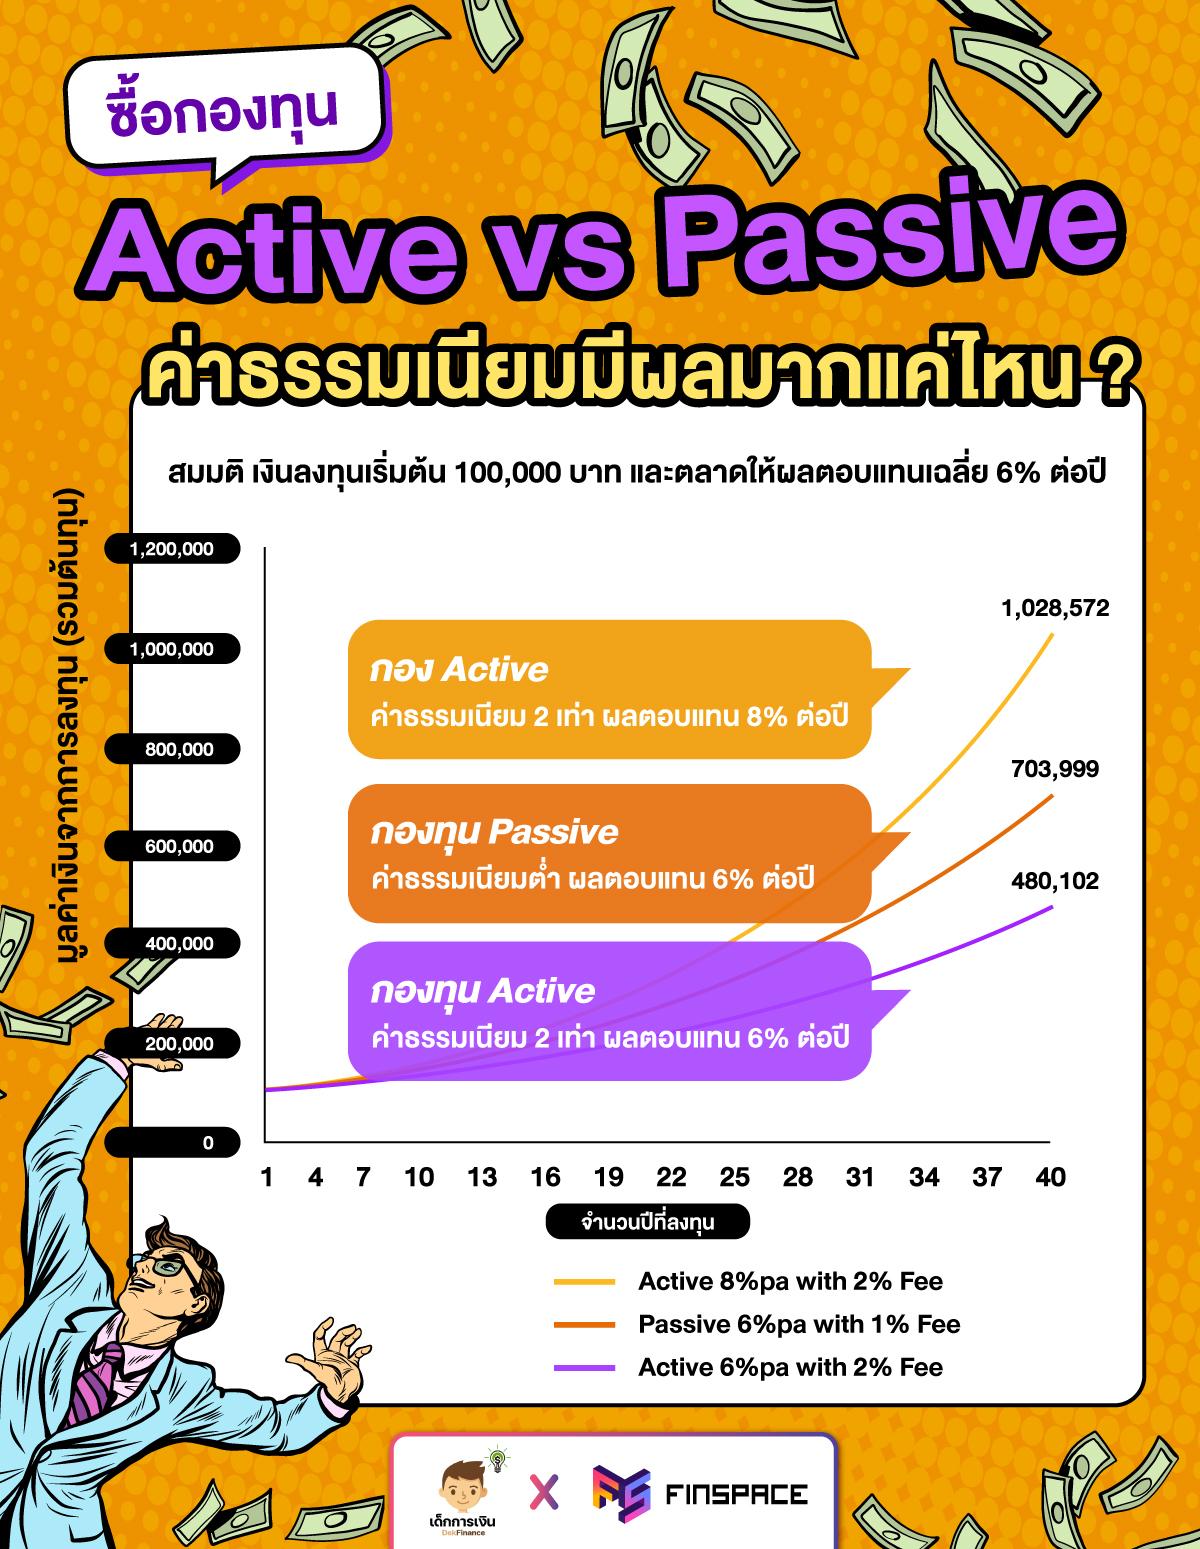 กอง-passive-หรือ-Active